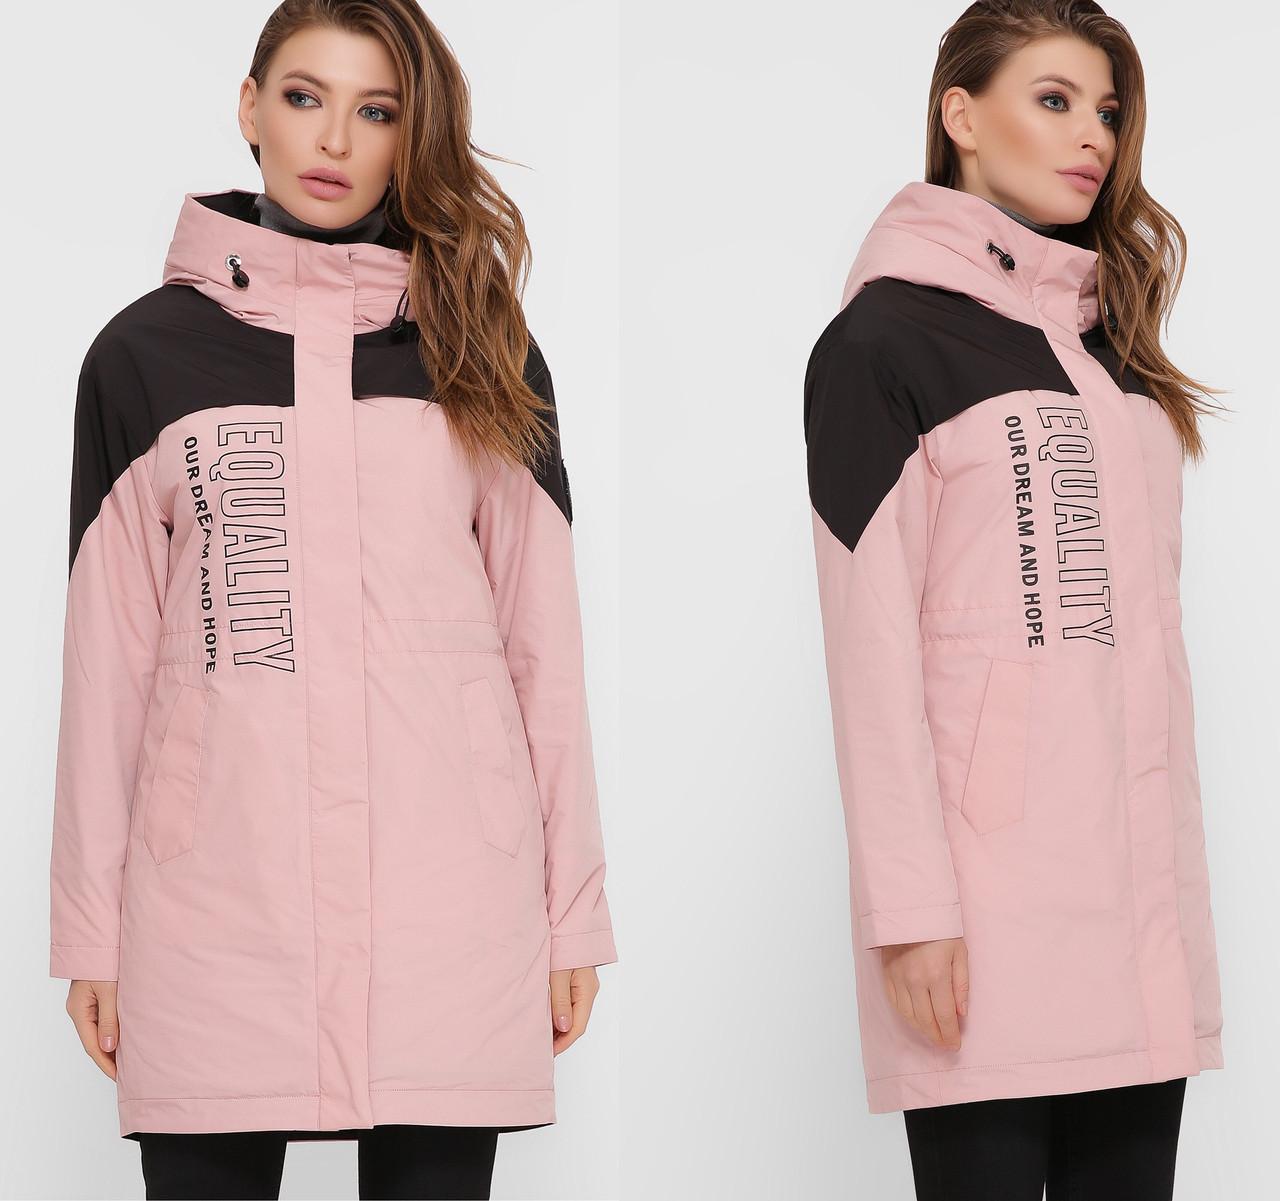 Демисезонная женская куртка, прямого кроя S M L XL 2XL